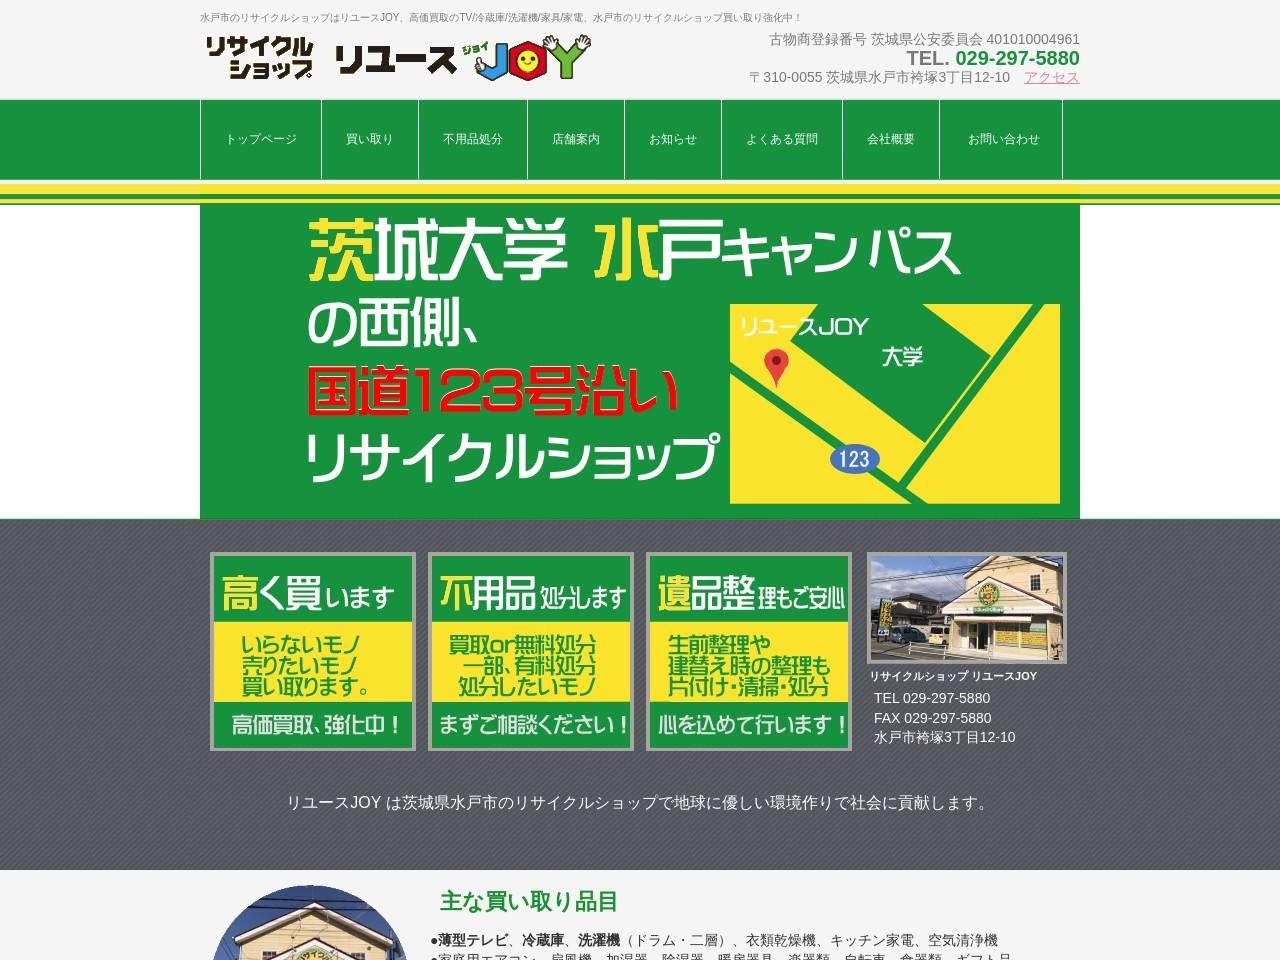 水戸市のリサイクルショップはリユースJOY、高価買取のTV冷蔵庫洗濯機家具家電水戸市のリサイクルショップ買い取り強化中!